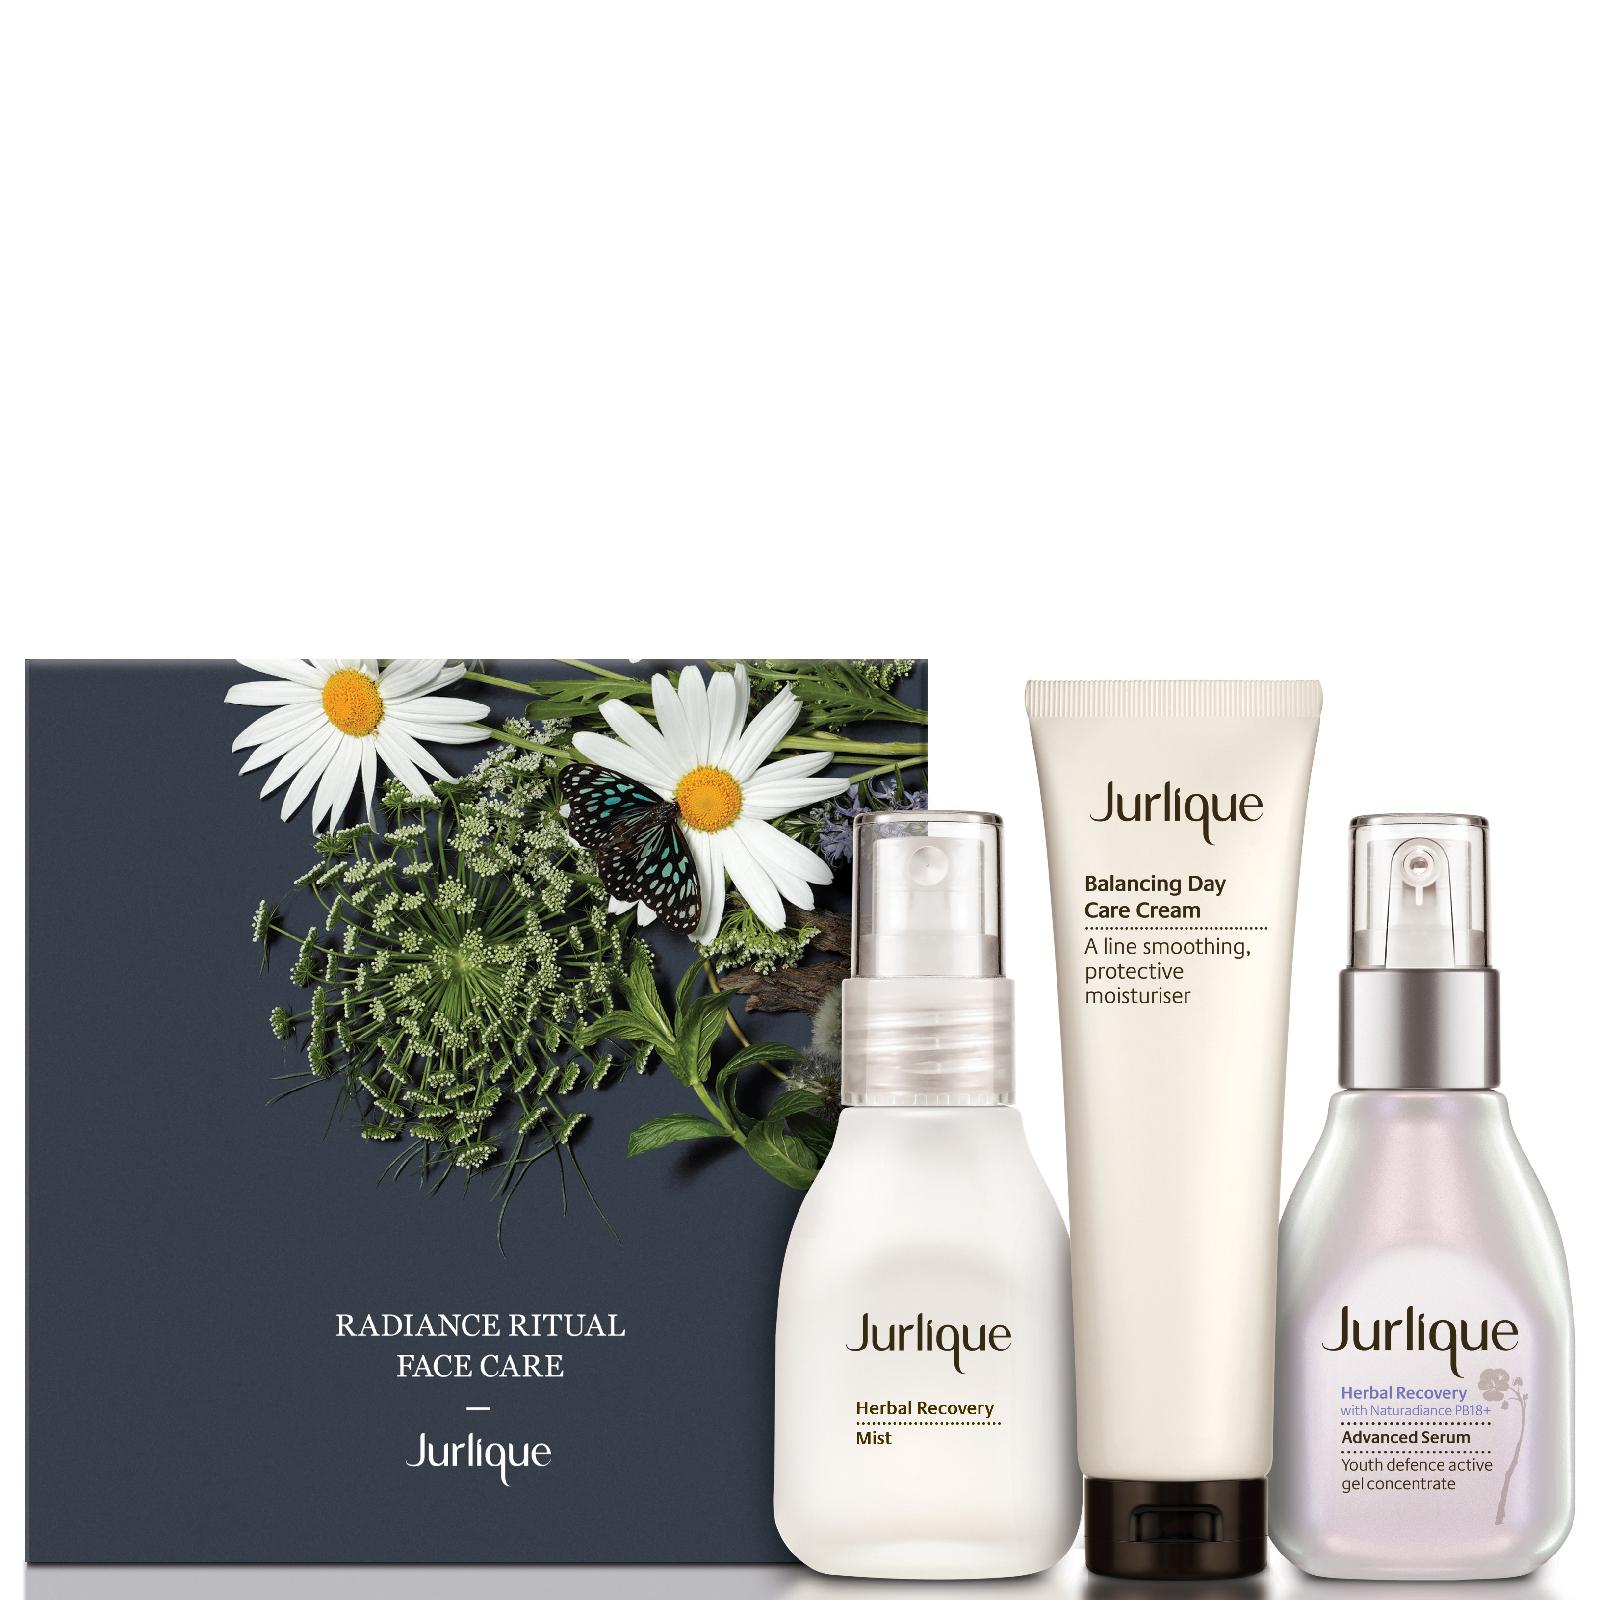 Jurlique Radiance Ritual Face Care Set Hq Hair Nature Republic Herb Blending Toner Description